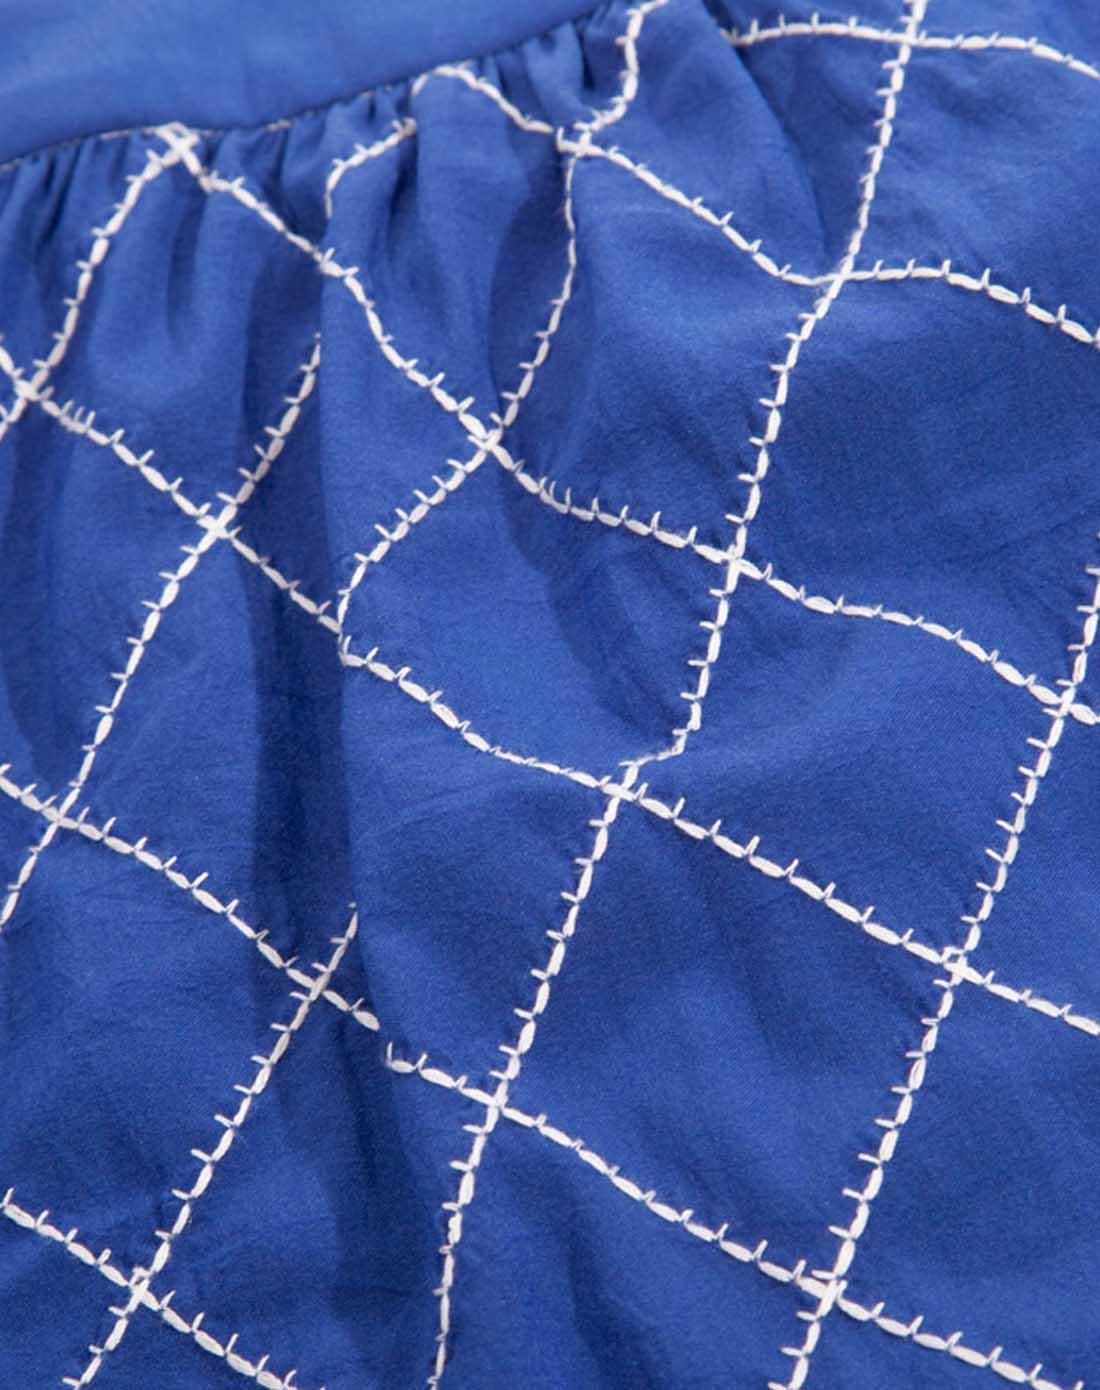 菱格纹深蓝色吊带上衣